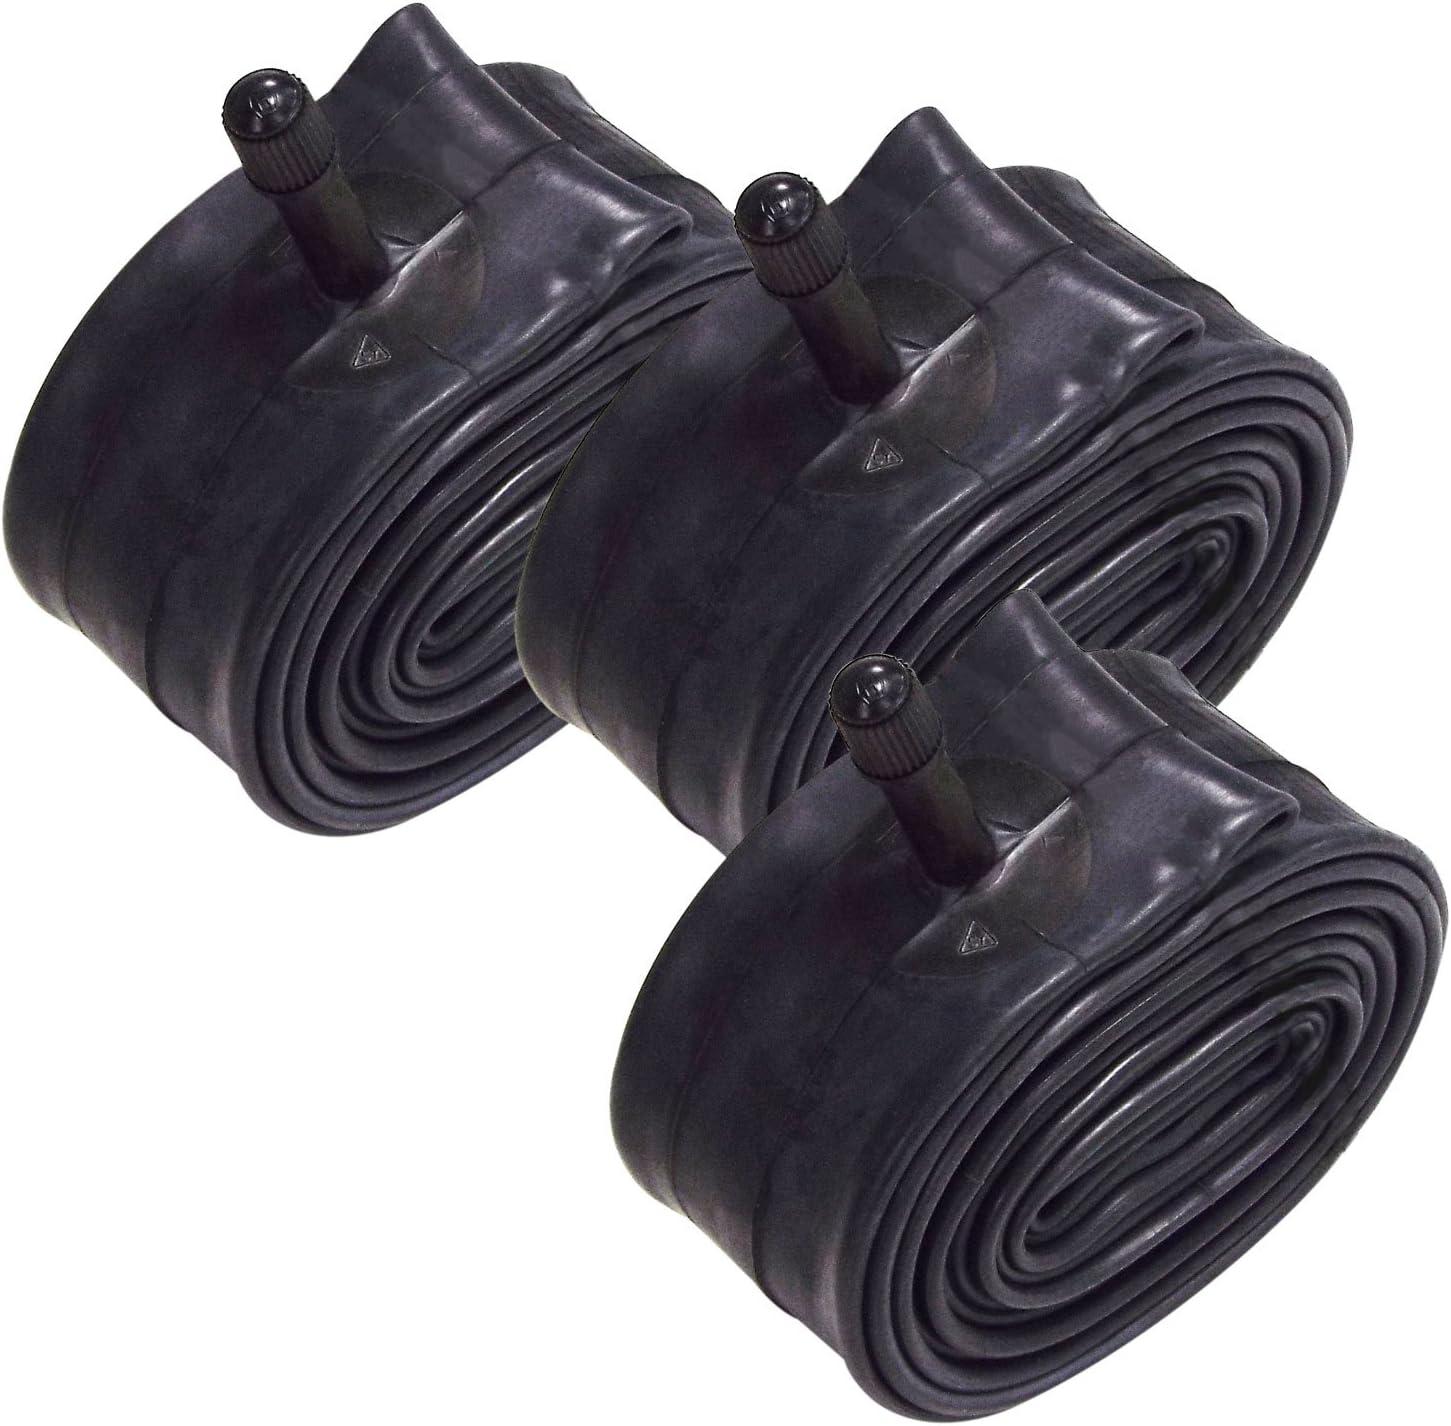 VeloChampion Paquete de 3 Tubos Interiores MTB 26 x 1.75/2.125 Pulgadas con válvula Presta/Schrader 36 mm (26